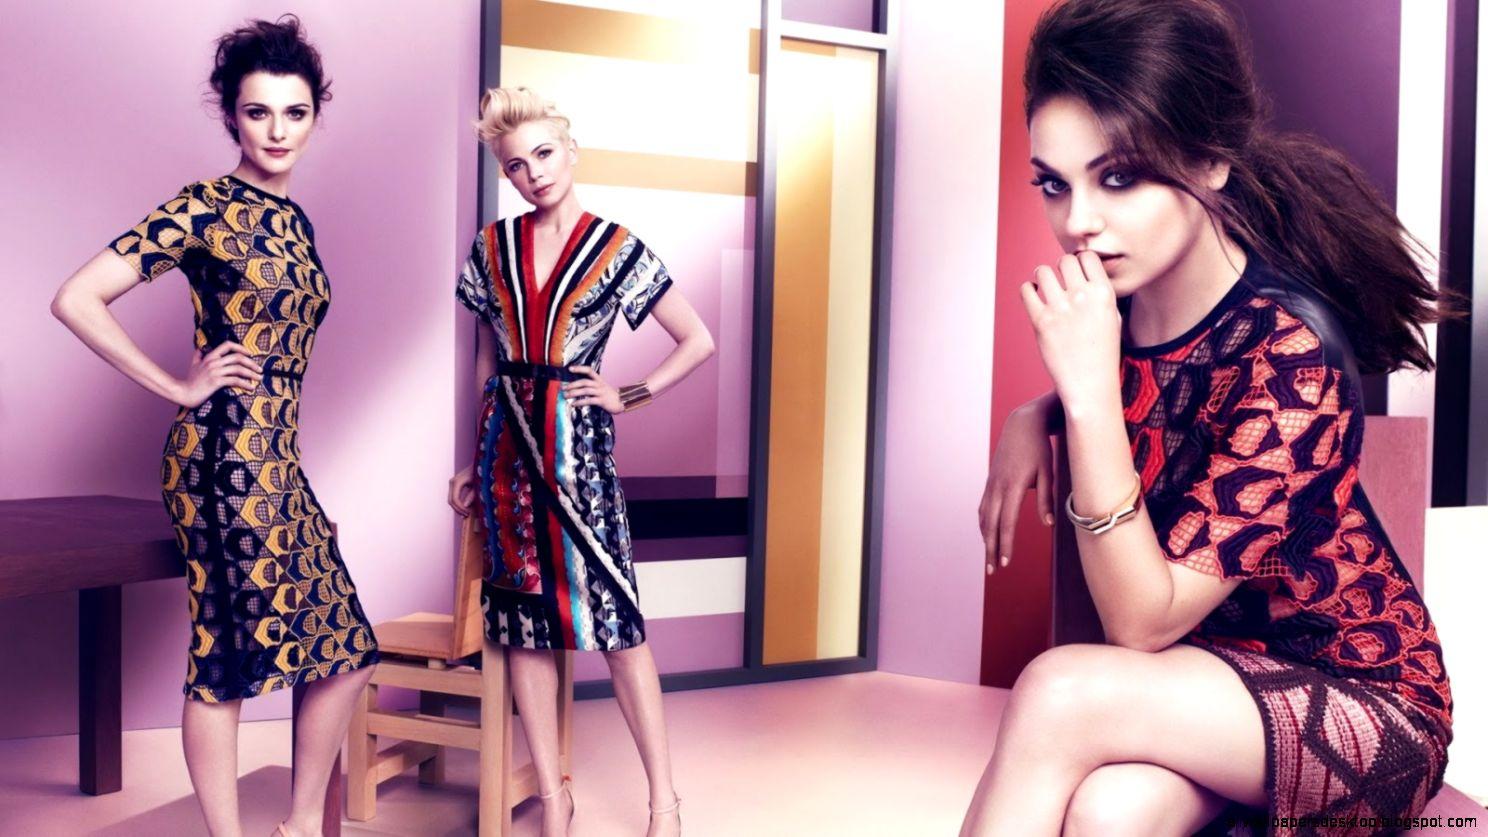 Mila Kunis Rachel Weisz Michelle Williams Girls Hd Wallpaper